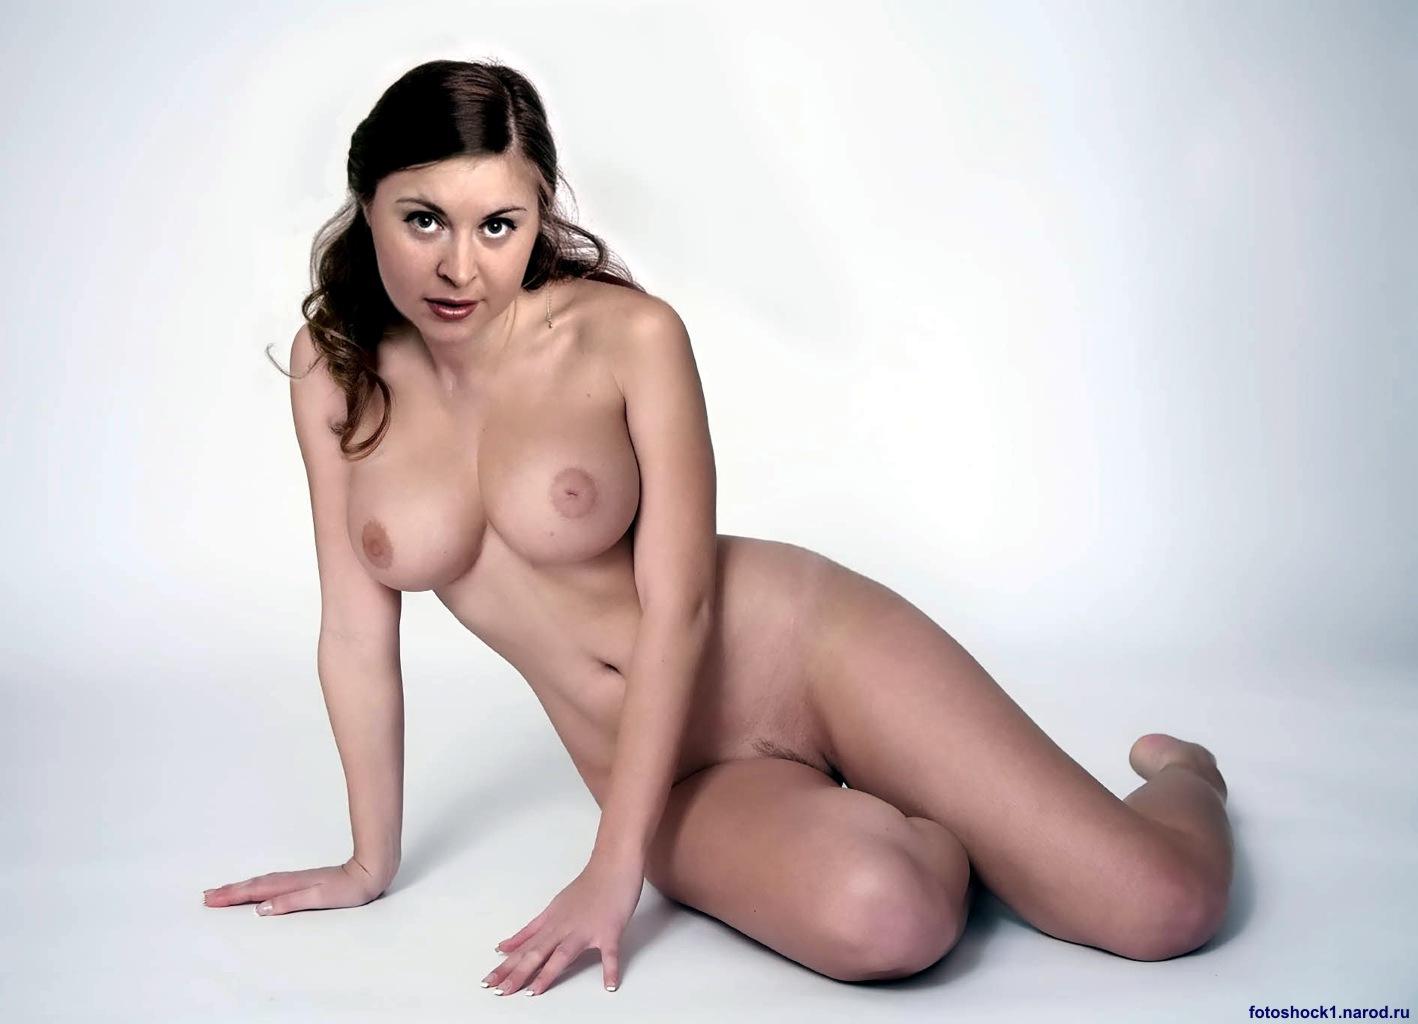 Русские артистки эротические фото, Голые знаменитости - российские голые звезды фото 5 фотография